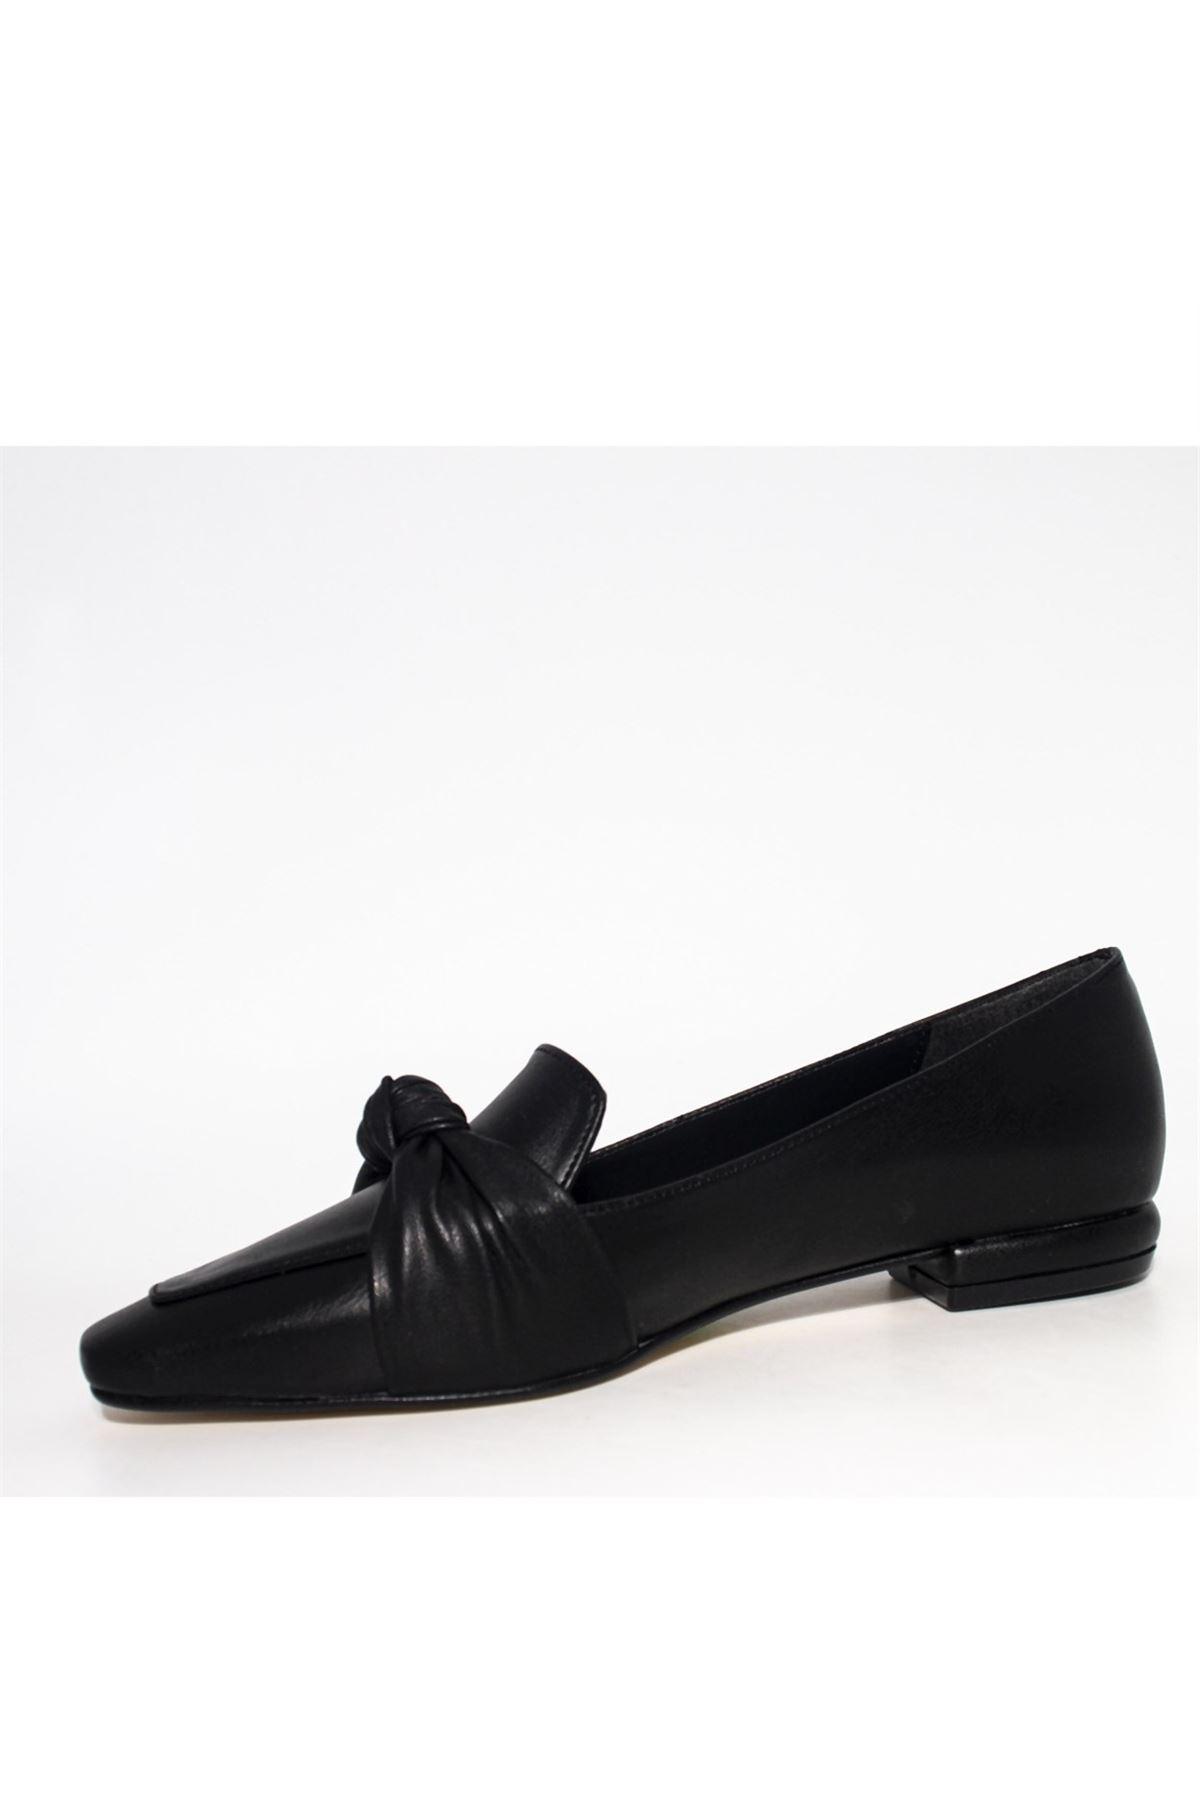 Kadın Önden Düğümlü Loafer Ayakkabı - Siyah